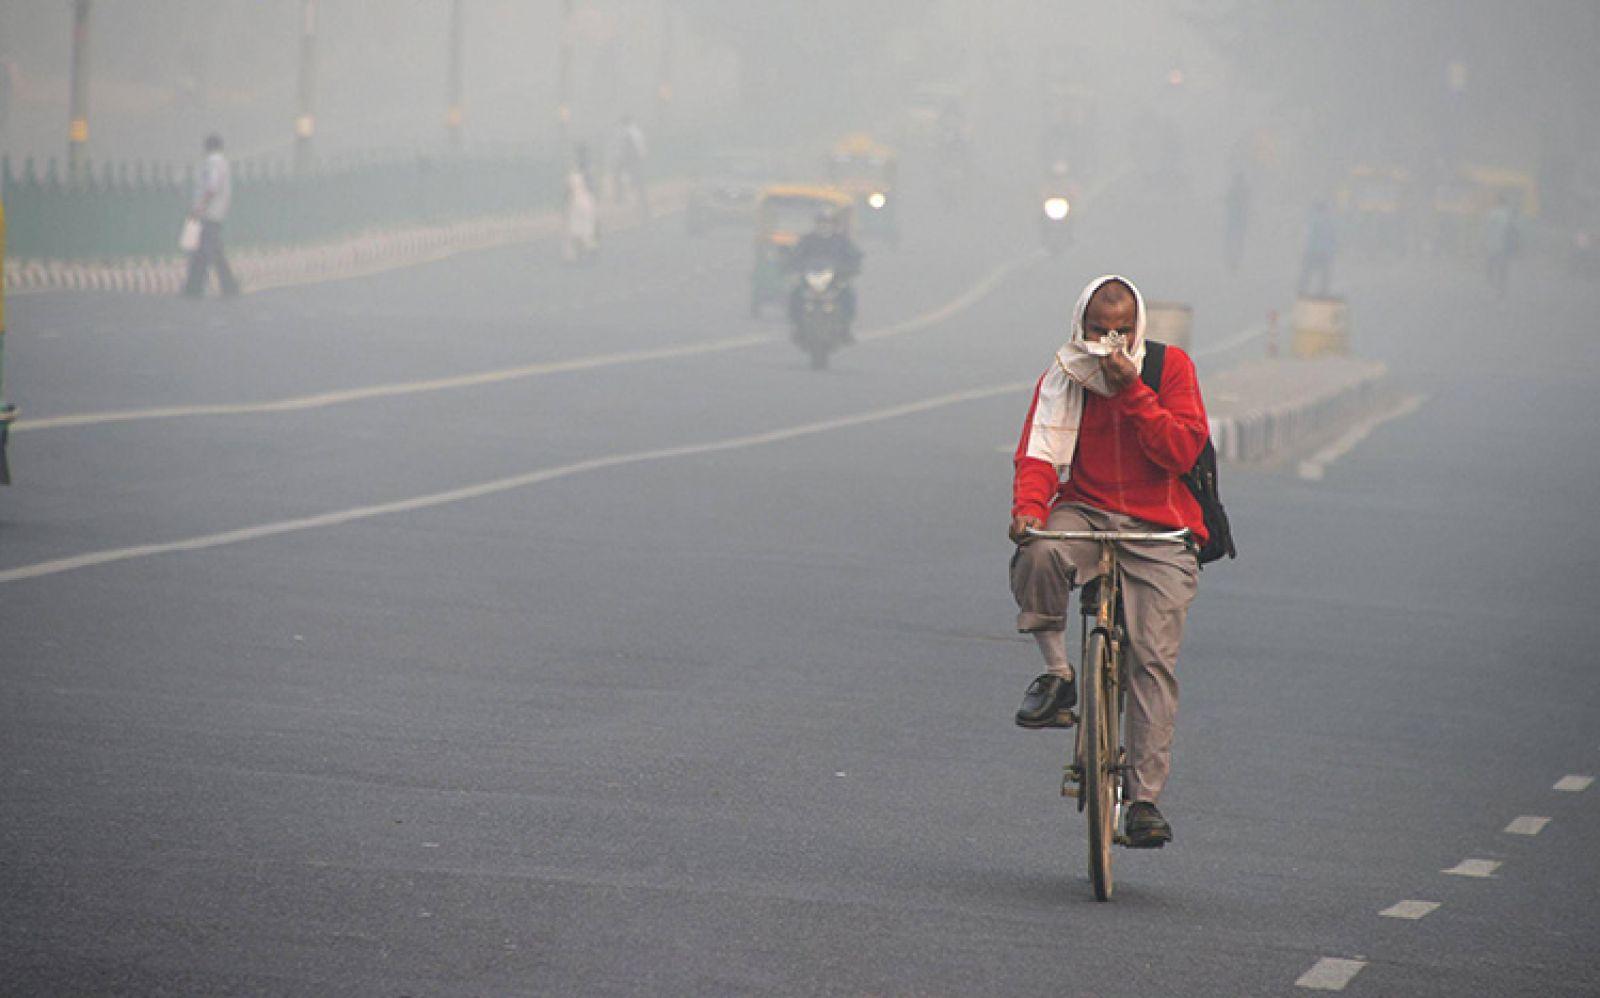 Hiện tượng sương mù do ô nhiễm ở New Delhi. Ảnh: Dominique Faget/Getty Images